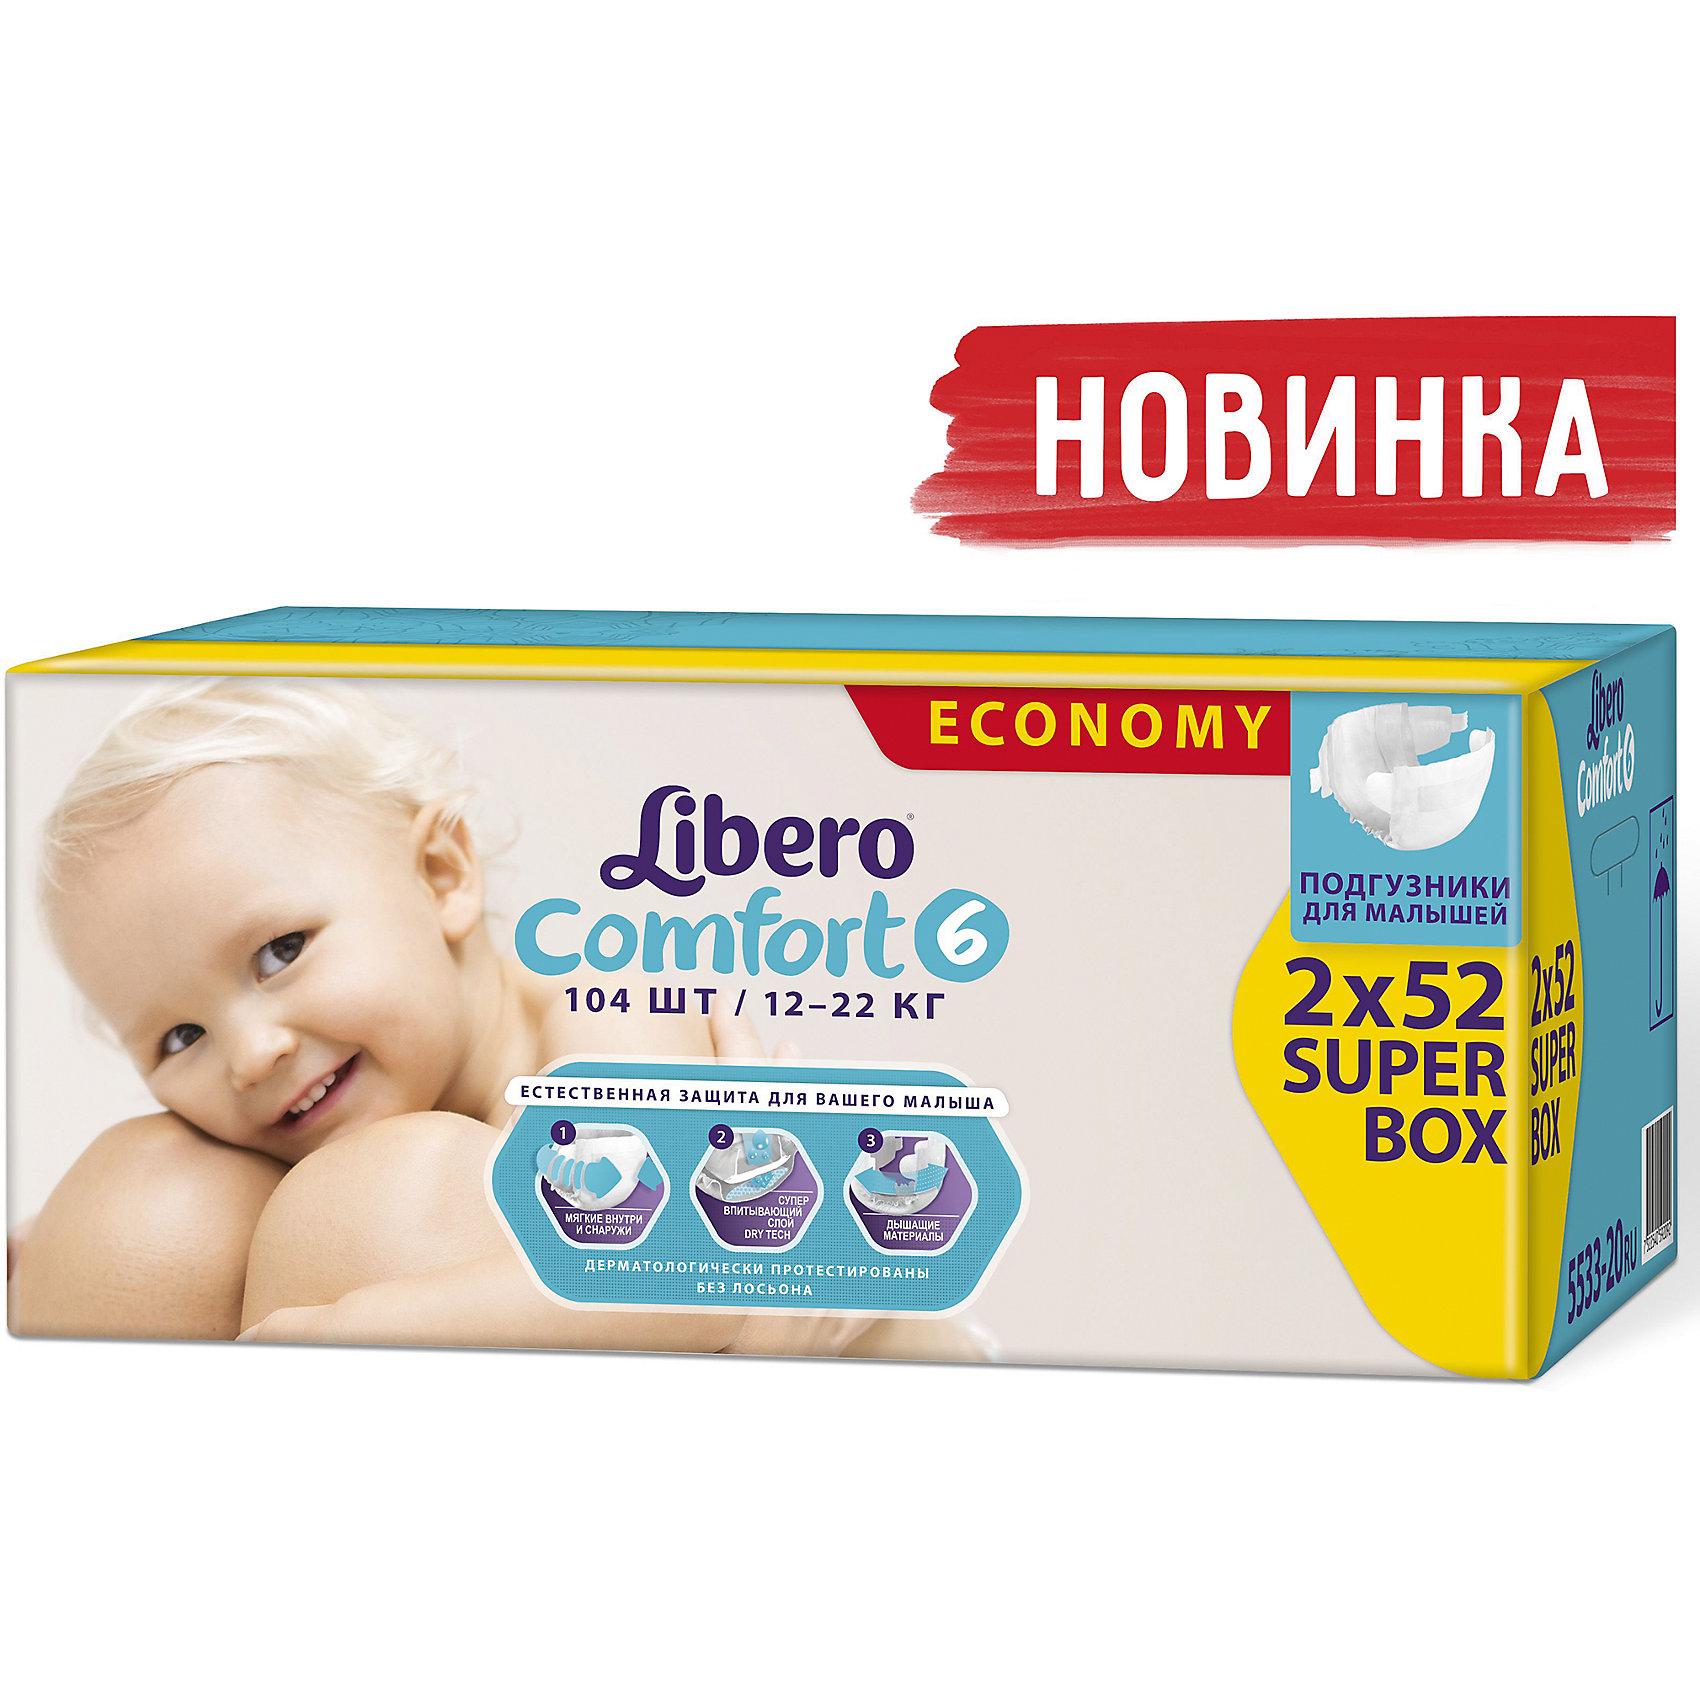 Подгузники Libero Comfort, XL 12-22 кг (6), 104 шт. (2x52)Подгузники классические<br>Подгузники Libero Comfort (Либеро Комфорт) Size 6 (12-22кг), 104 шт.<br><br>Характеристики:<br><br>• быстро впитывают влагу и удерживают ее<br>• дышащий материал<br>• эластичный поясок<br>• тянущиеся боковинки<br>• мягкий барьер вокруг ног защитит от протеканий<br>• анатомические резиночки<br>• многоразовые застежки<br>• размер: 6 (от 12 до 22 кг)<br>• количество в упаковке: 104 шт.<br><br>Ваш малыш растет и развивается каждый день. Для комфортного исследования окружающего мира ему нужны хорошие подгузники. Libero Comfort быстро впитают влагу и предотвратят протекания благодаря высоким барьерам и эластичному пояску. Специальные материалы не содержат лосьонов и позволят коже крохи дышать, что поможет избежать раздражения и натирания. Тянущиеся боковинки и анатомические резинки обеспечат плотное прилегание подгузника к телу. Подарите юному исследователю сухость и комфорт!<br><br>Подгузники Libero Comfort (Либеро Комфорт) Size 6 (12-22кг), 104 шт. вы можете купить в нашем интернет-магазине.<br><br>Ширина мм: 264<br>Глубина мм: 466<br>Высота мм: 209<br>Вес г: 4518<br>Возраст от месяцев: 12<br>Возраст до месяцев: 72<br>Пол: Унисекс<br>Возраст: Детский<br>SKU: 3517627